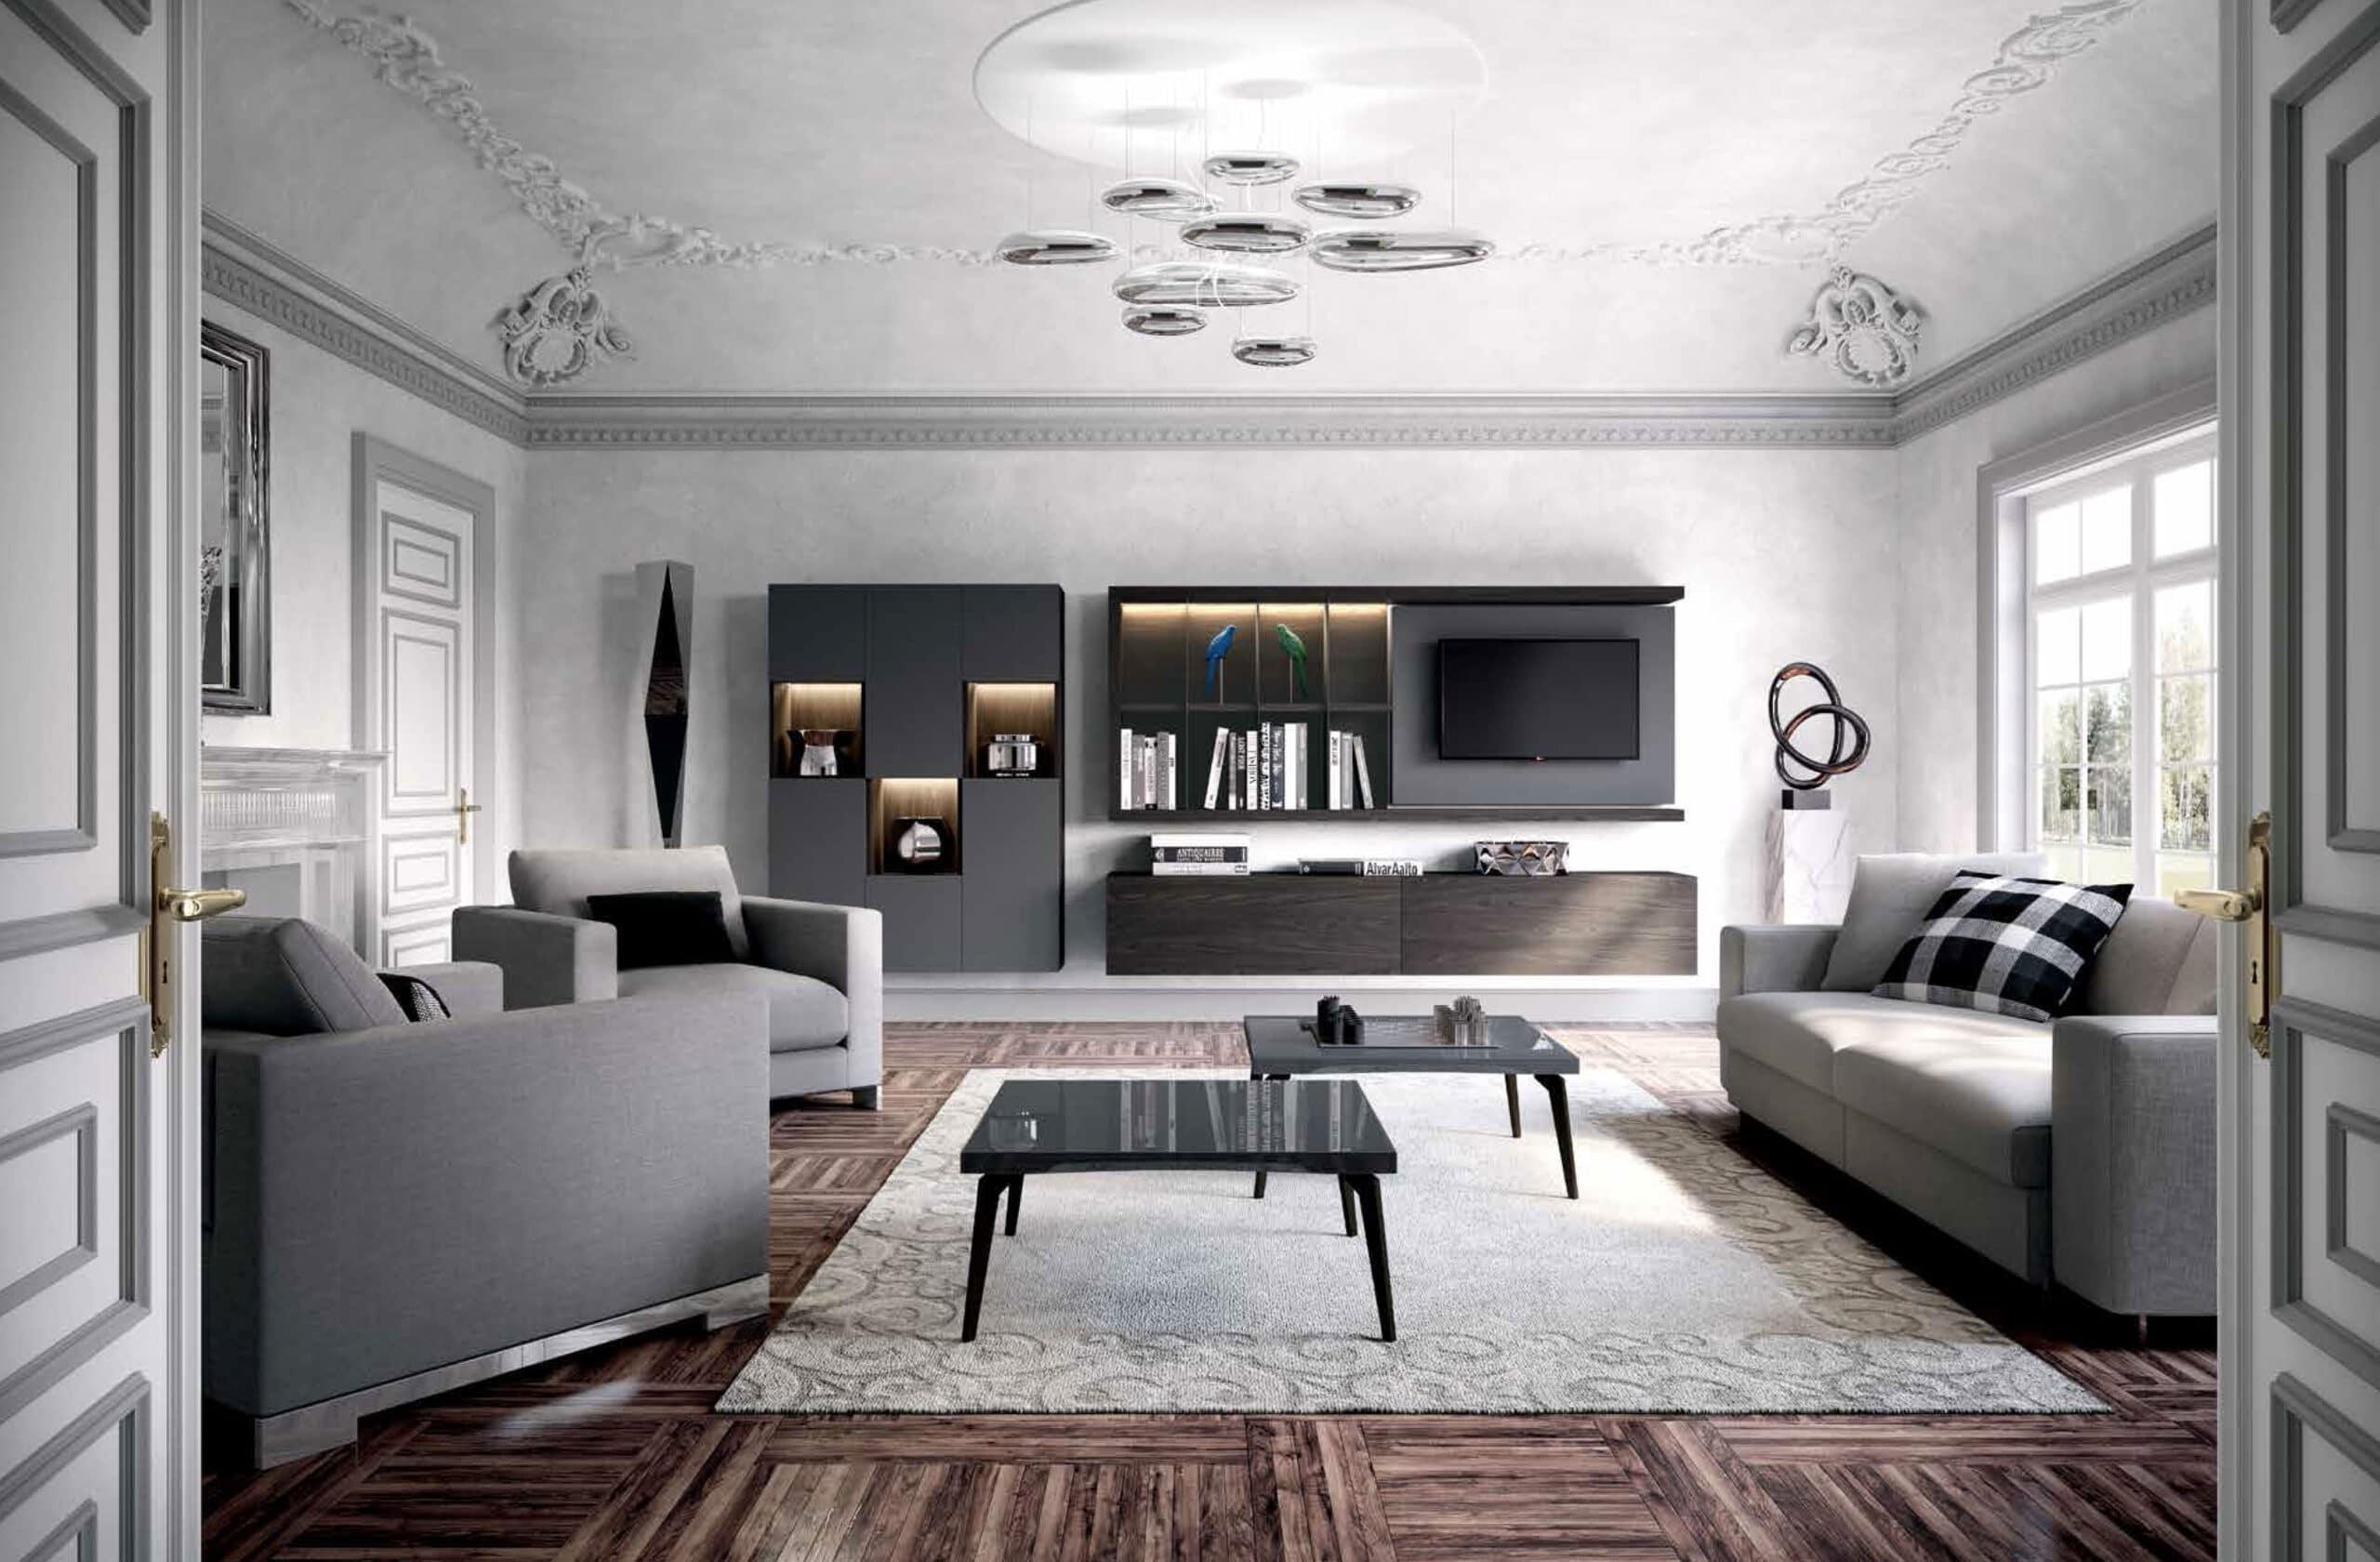 Parete Attrezzata Astor Sky 2-0 Modello Lusso Contemporaneo Composizione 503 con in primo piano, Small T tavolino basso quadrato 80x80 cm in Grigio Ferro 44 lucido e struttura color Manganese